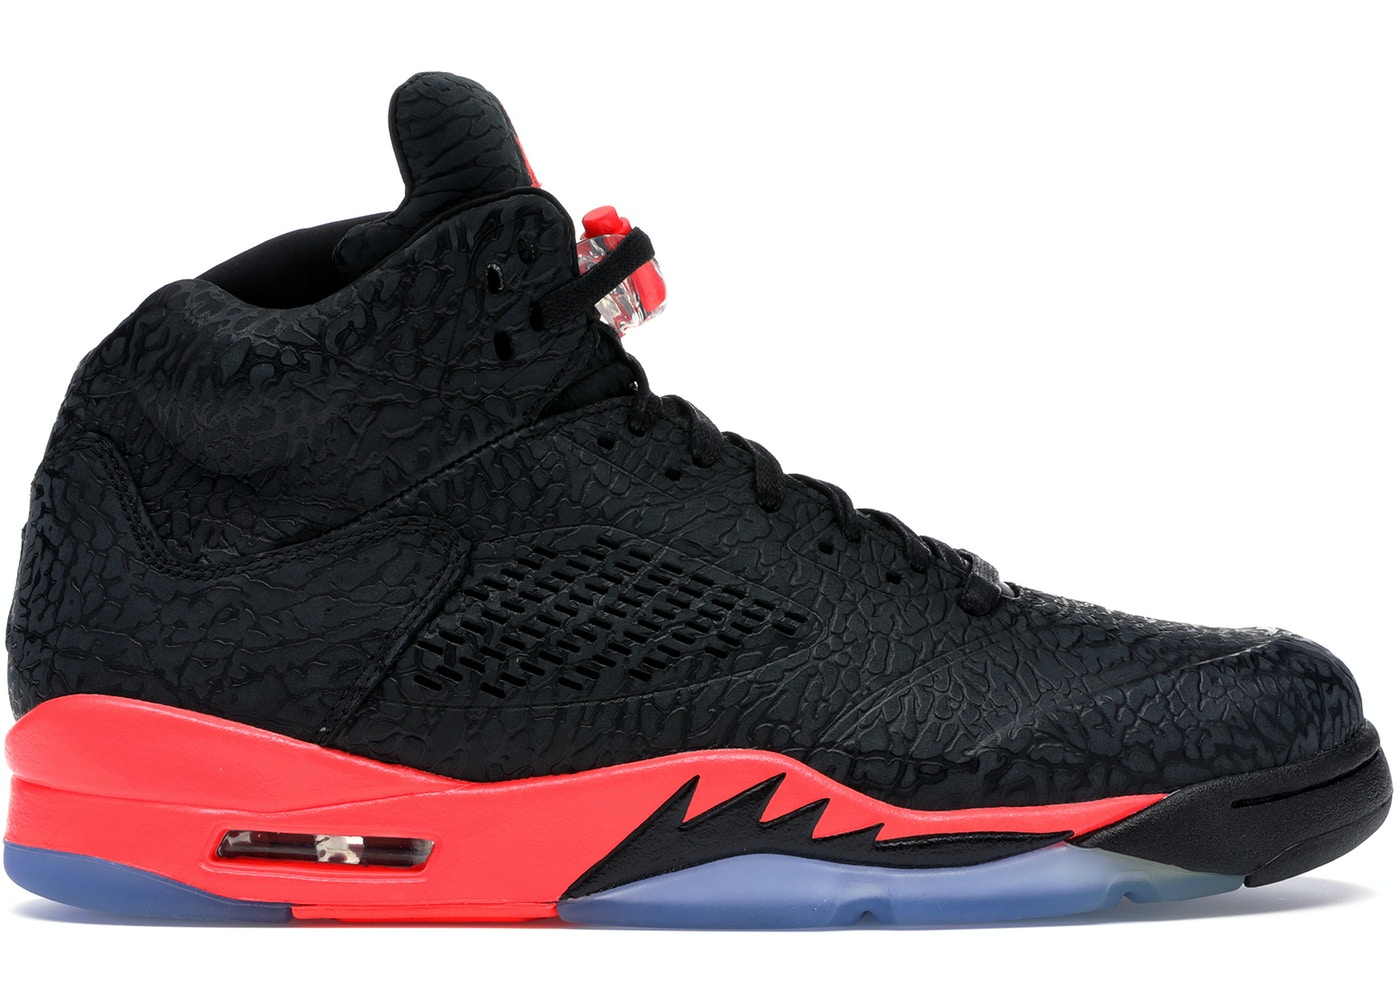 new style 4e4e3 062b5 Jordan 5 Retro 3Lab5 Infrared - 599581-010